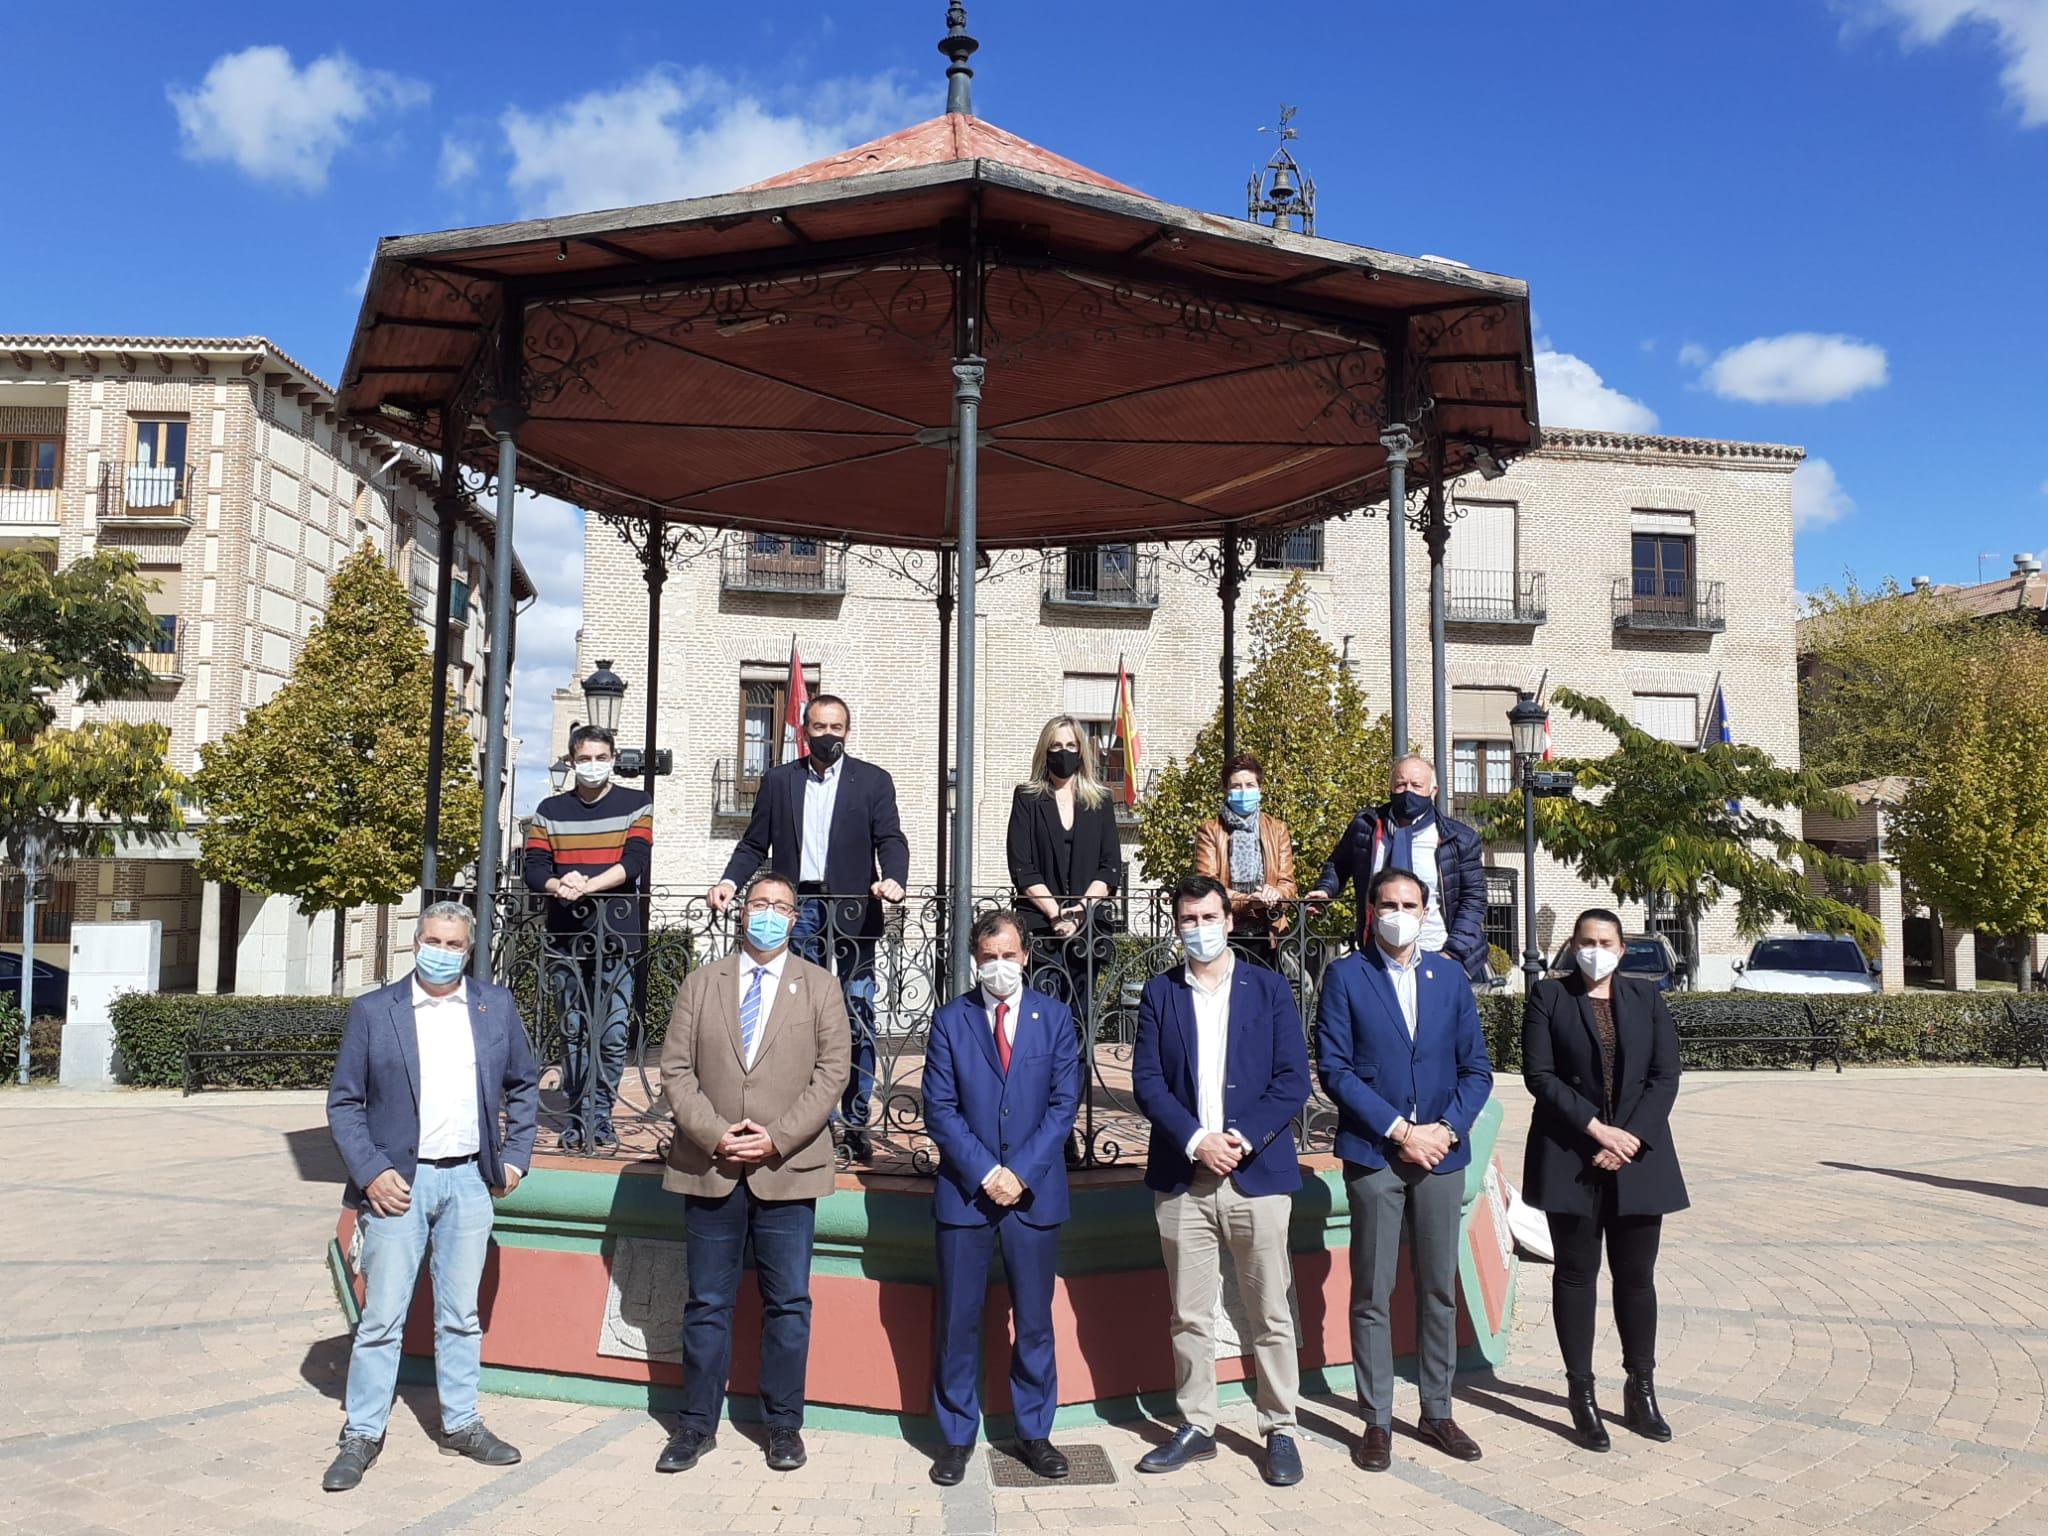 La Red De Conjuntos Históricos De Castilla Y León Estrena Página Web